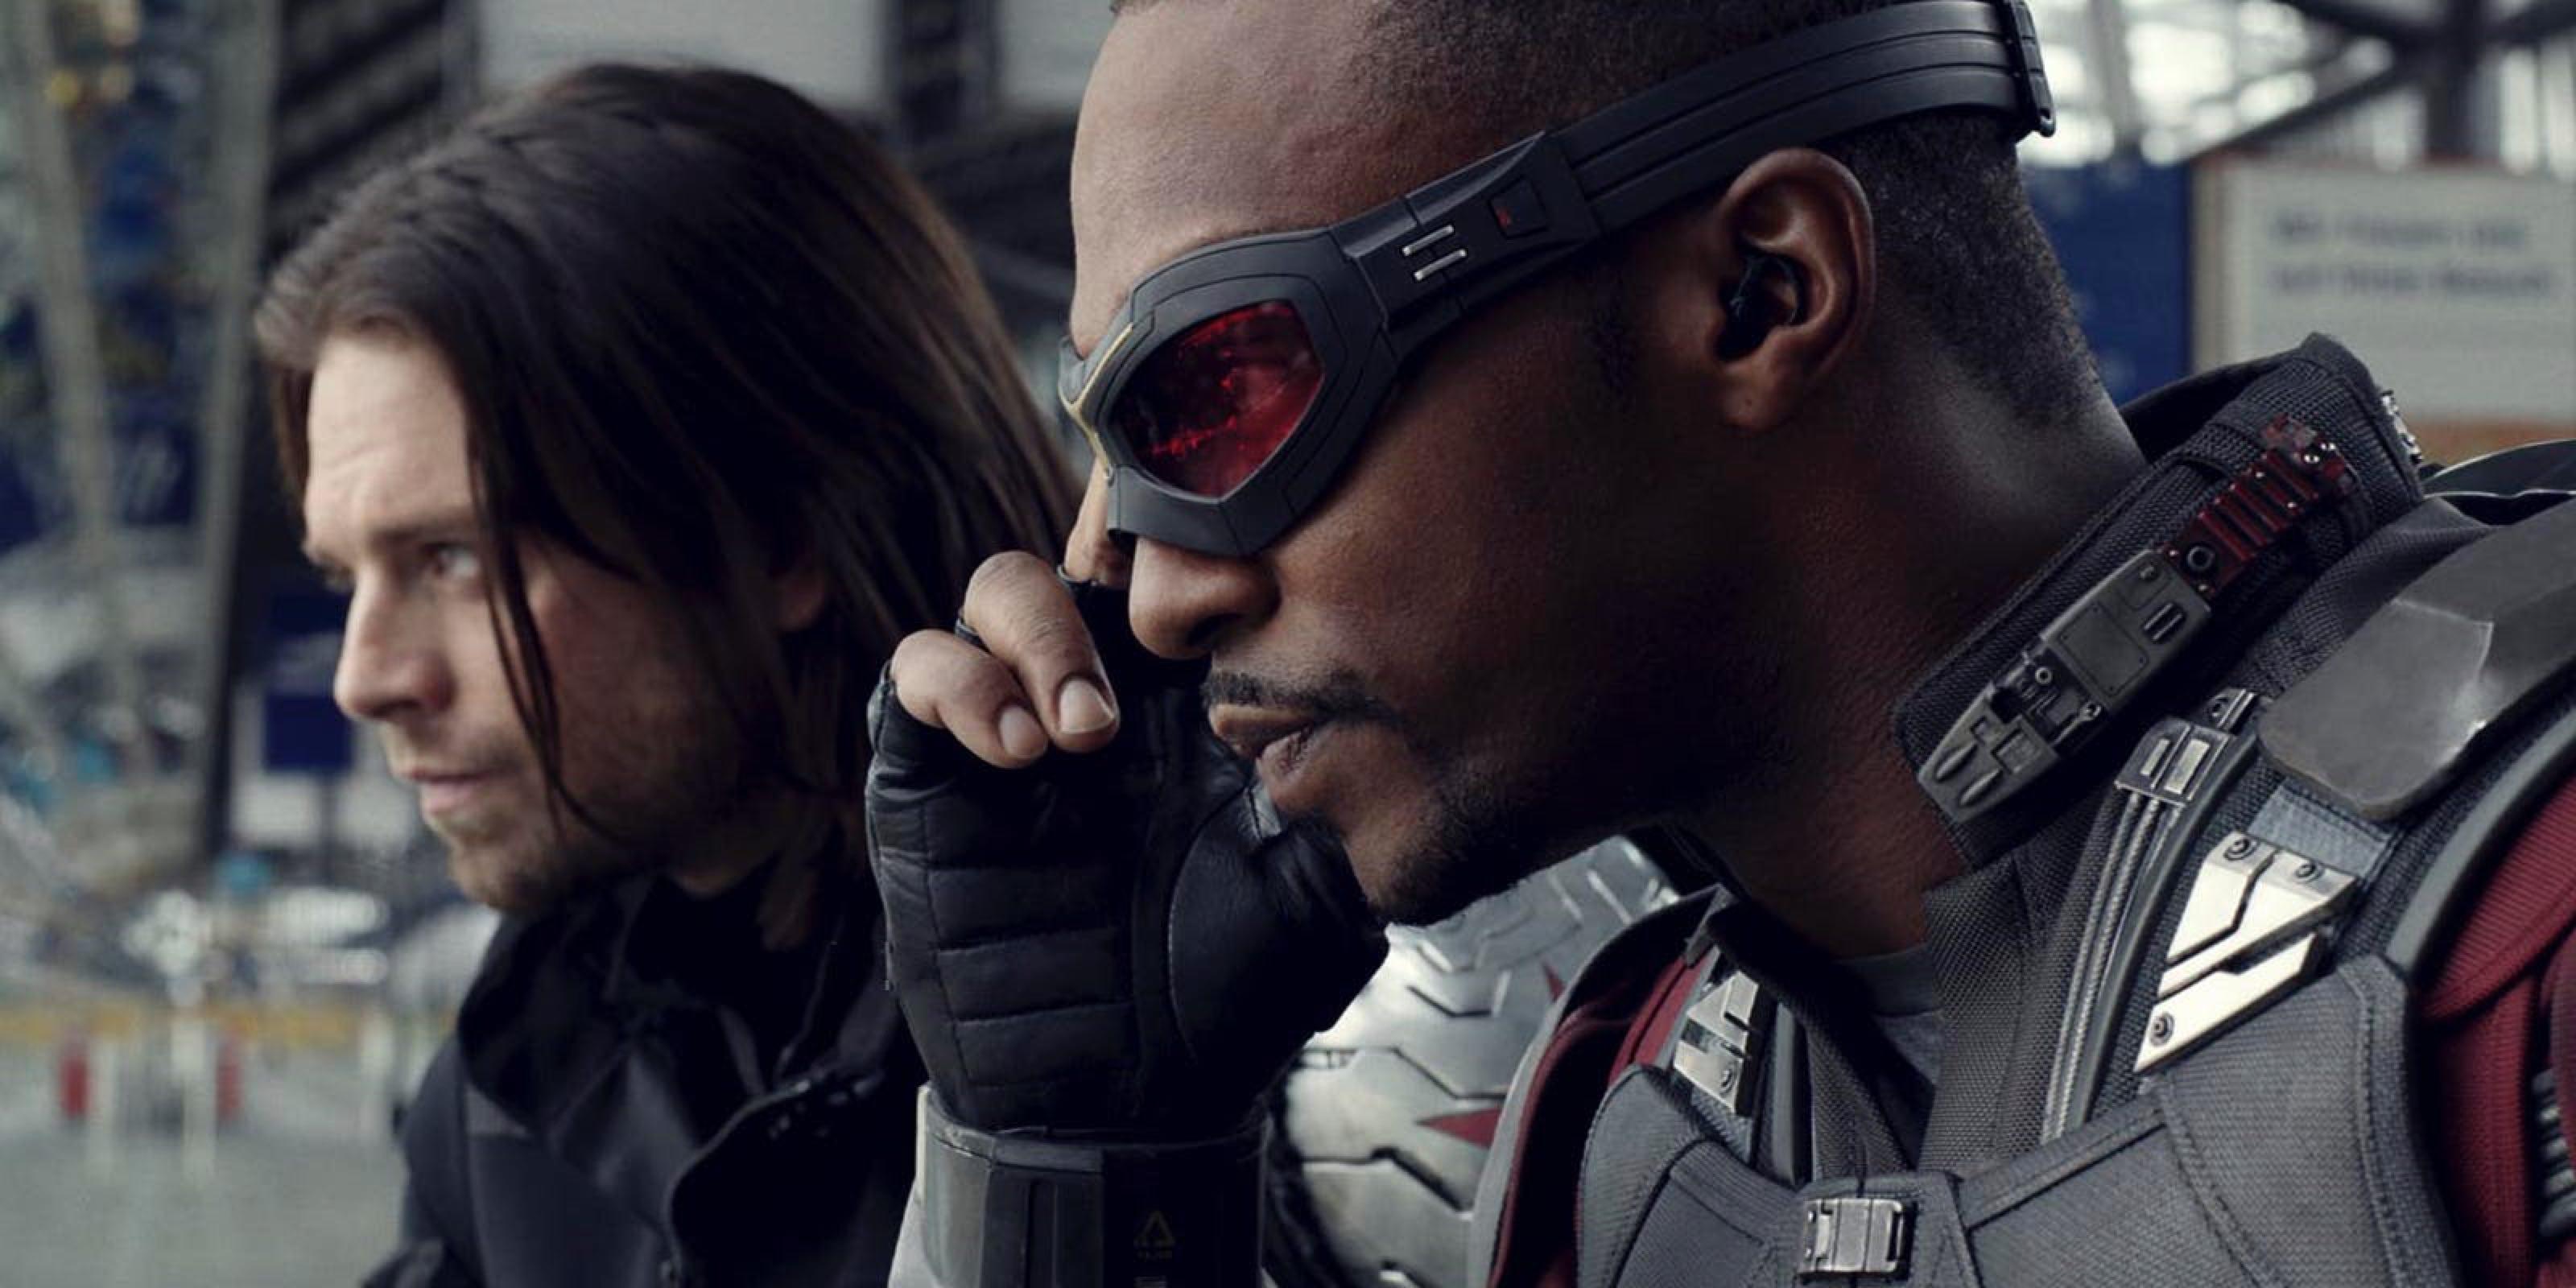 Photo du film Captain America: Civil War avec Winter Soldier et Falcon